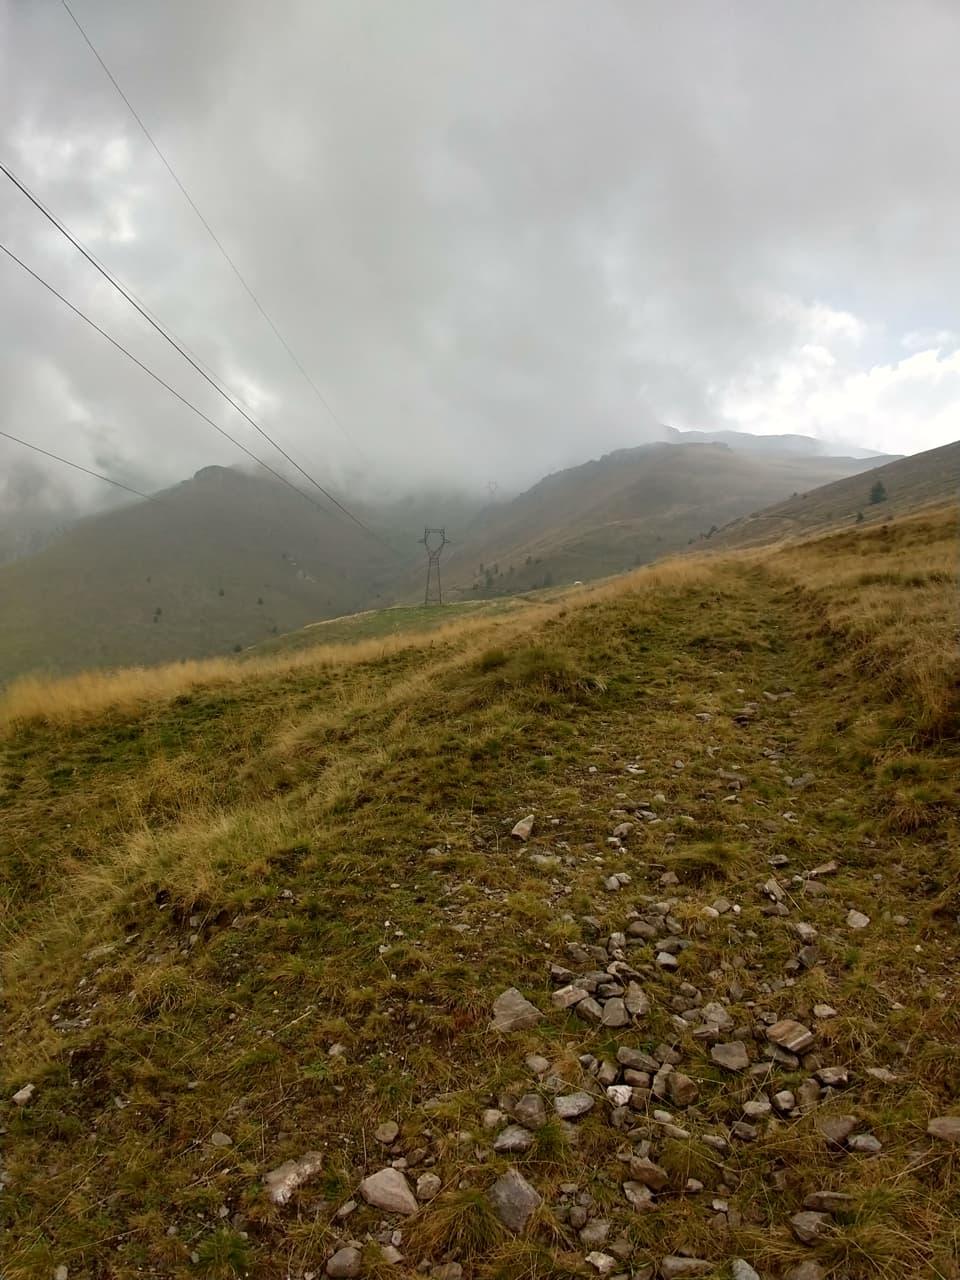 La discesa lungo la Valle di Serramando si sviluppa su ampi prati, paradiso per gli appassionati di sci alpinismo